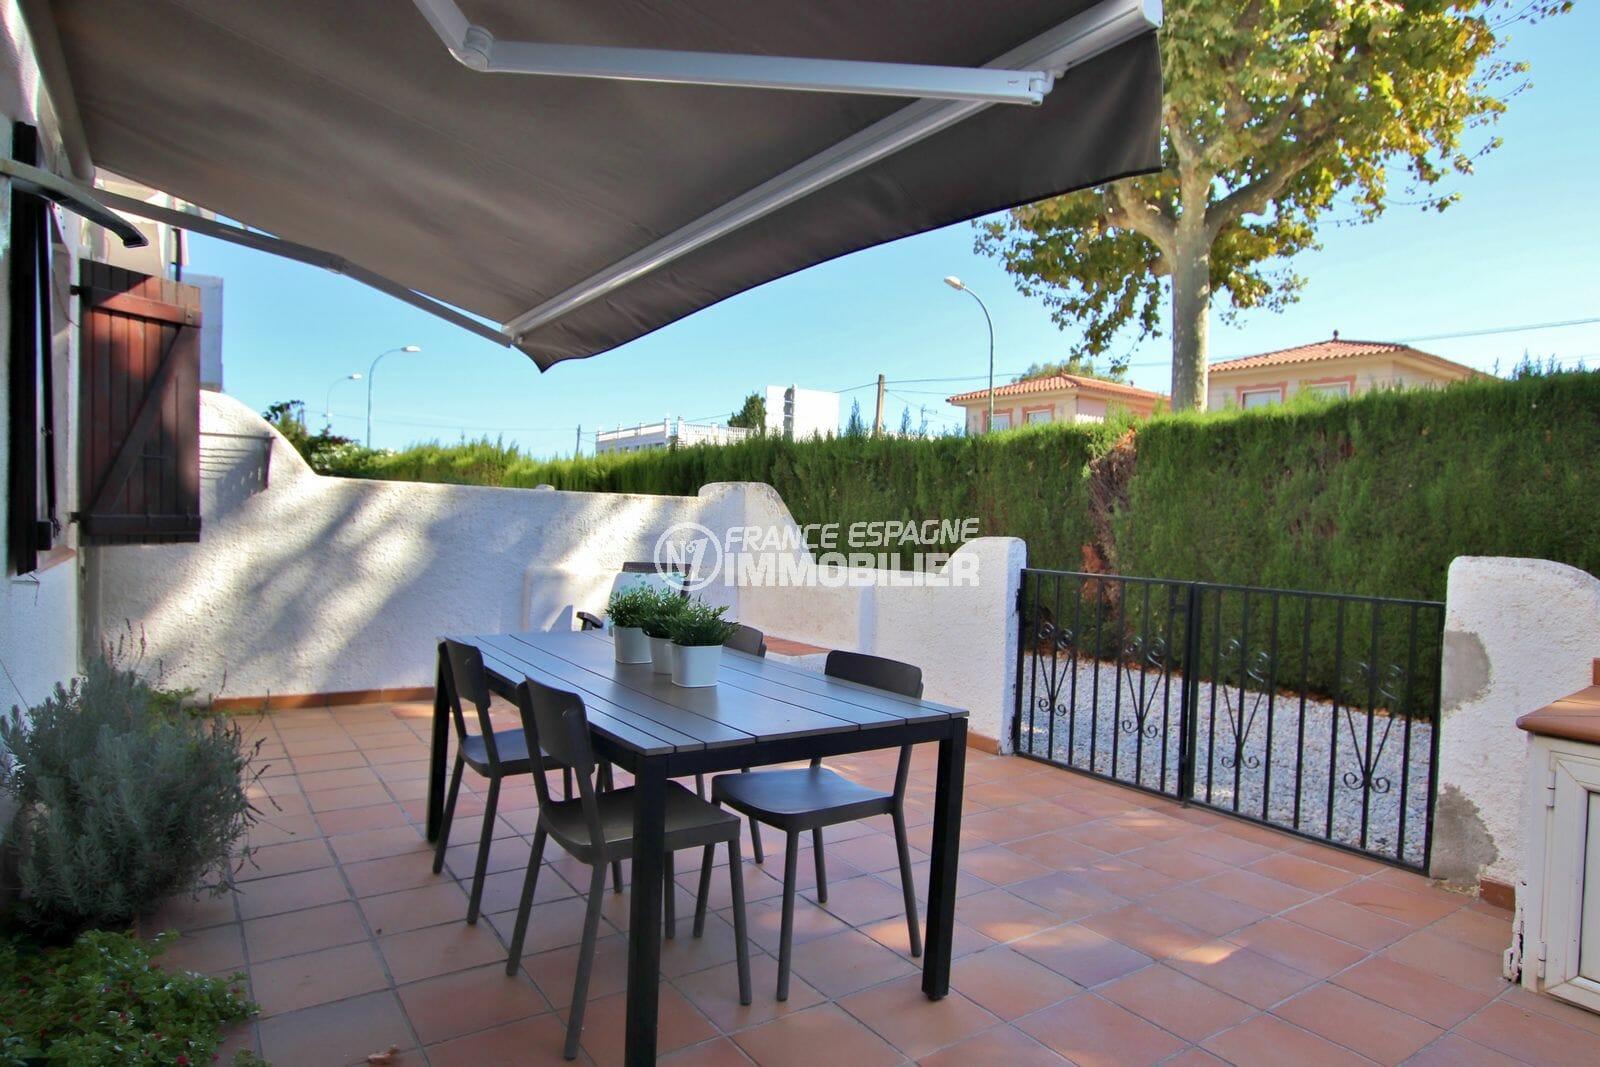 maison a vendre empuriabrava: rénovée, terrasse et parking, proche plage